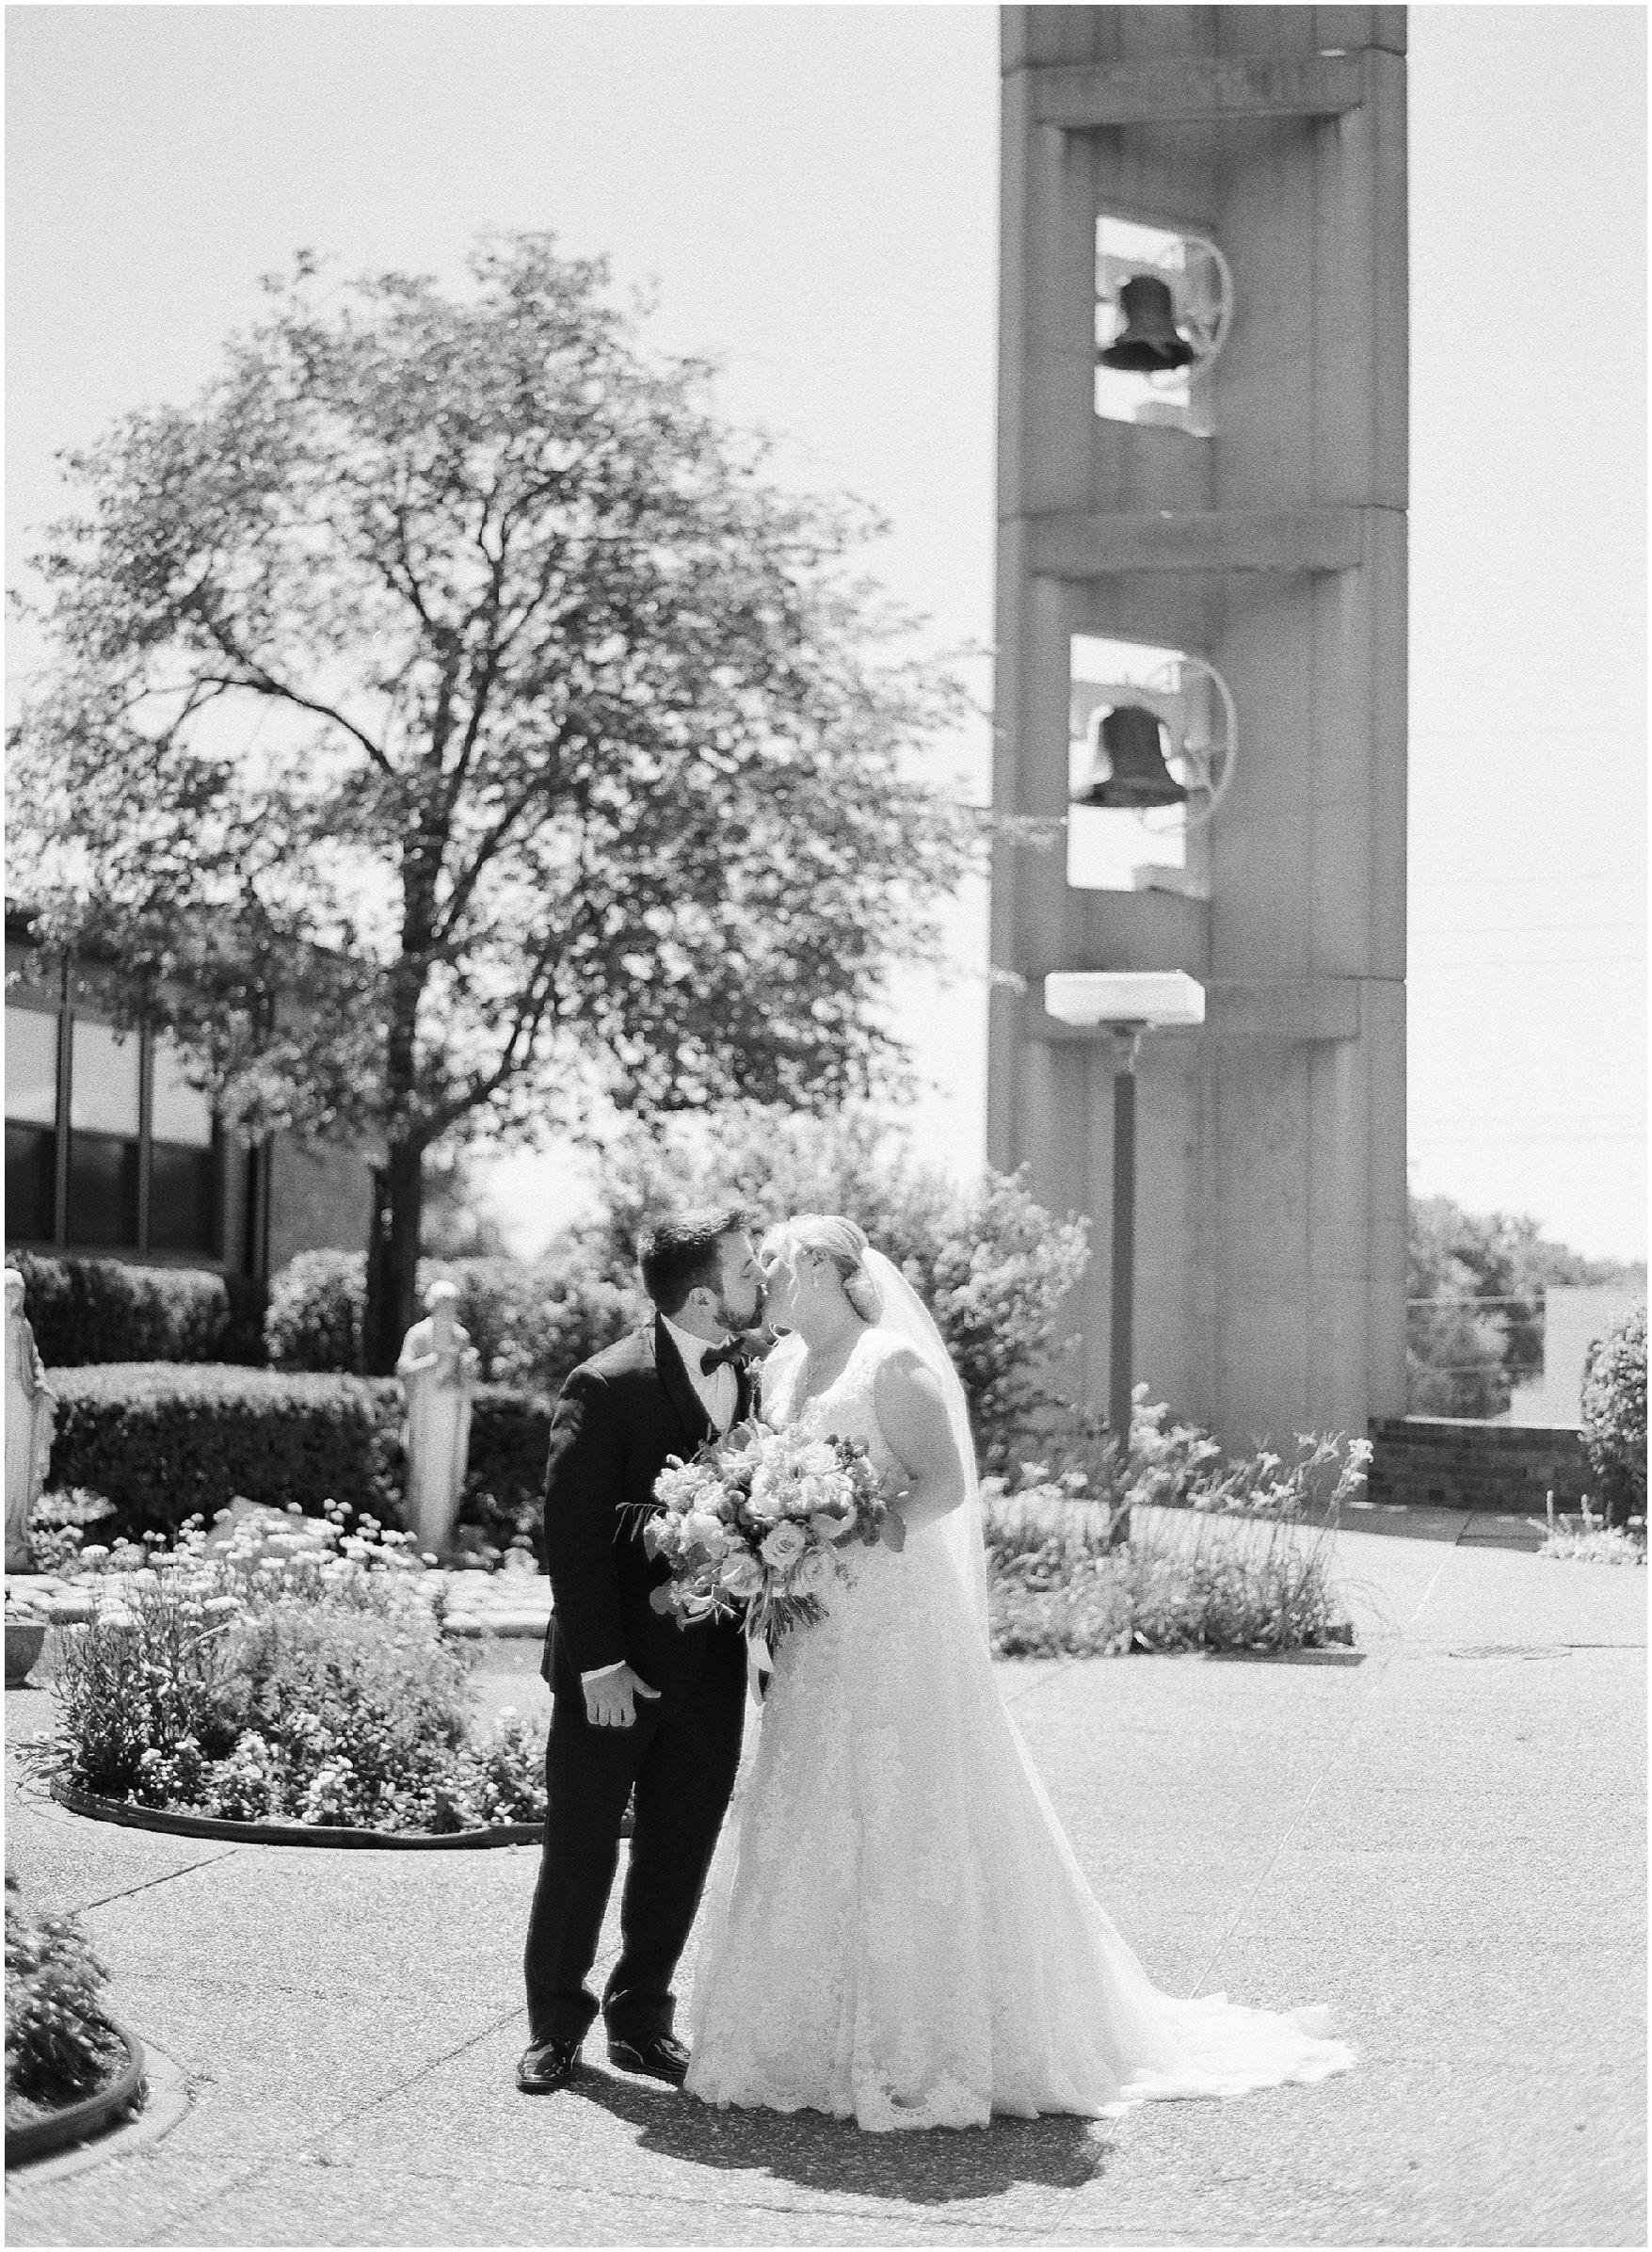 wedding photography st louis_lauren muckler photography_film photographer_film wedding_0169.jpg